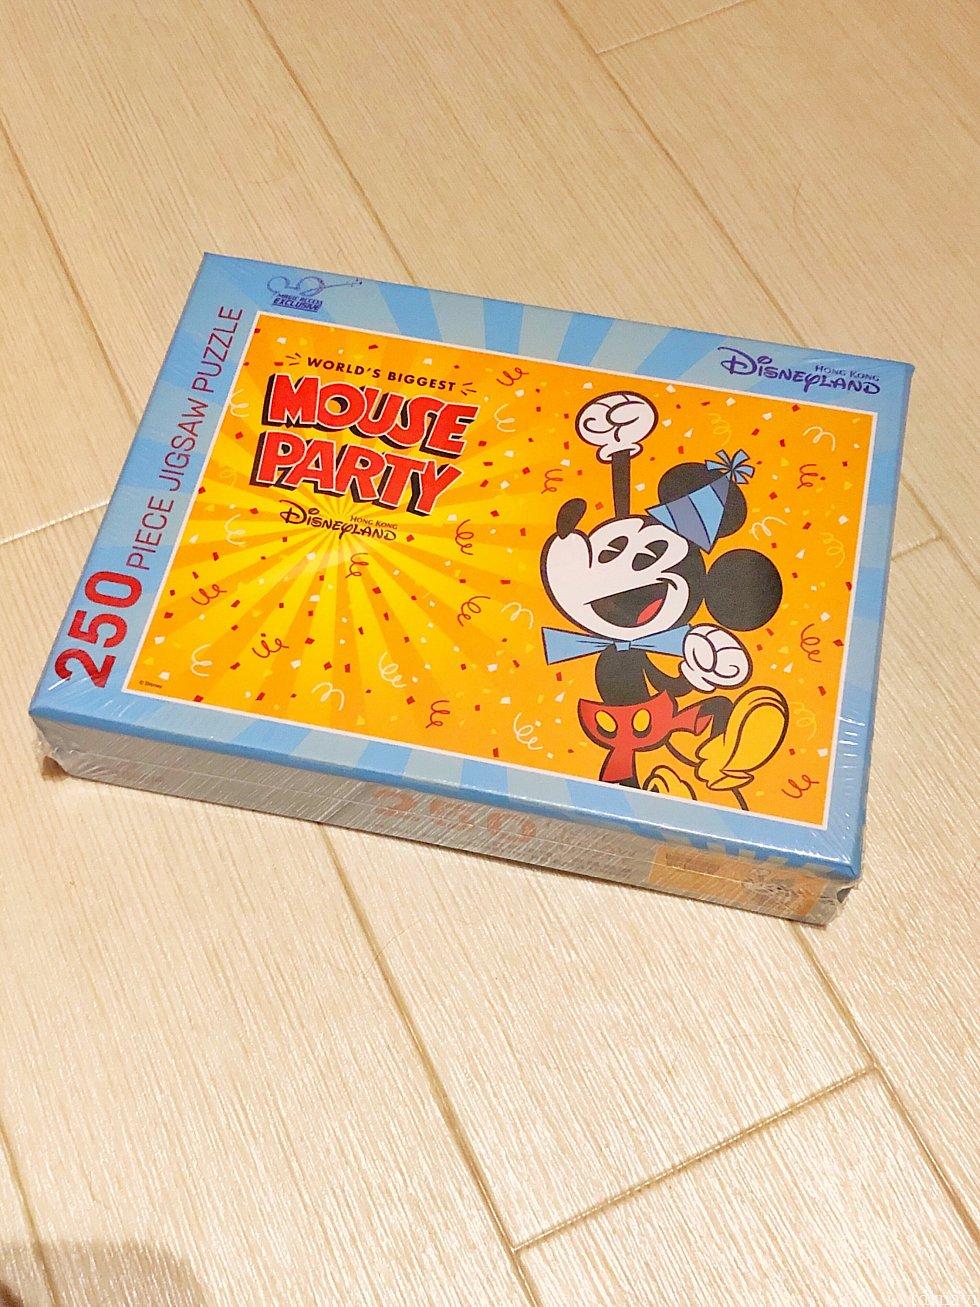 プレゼント内容は、90周年ミッキーのジグソーパズル(250ピース)